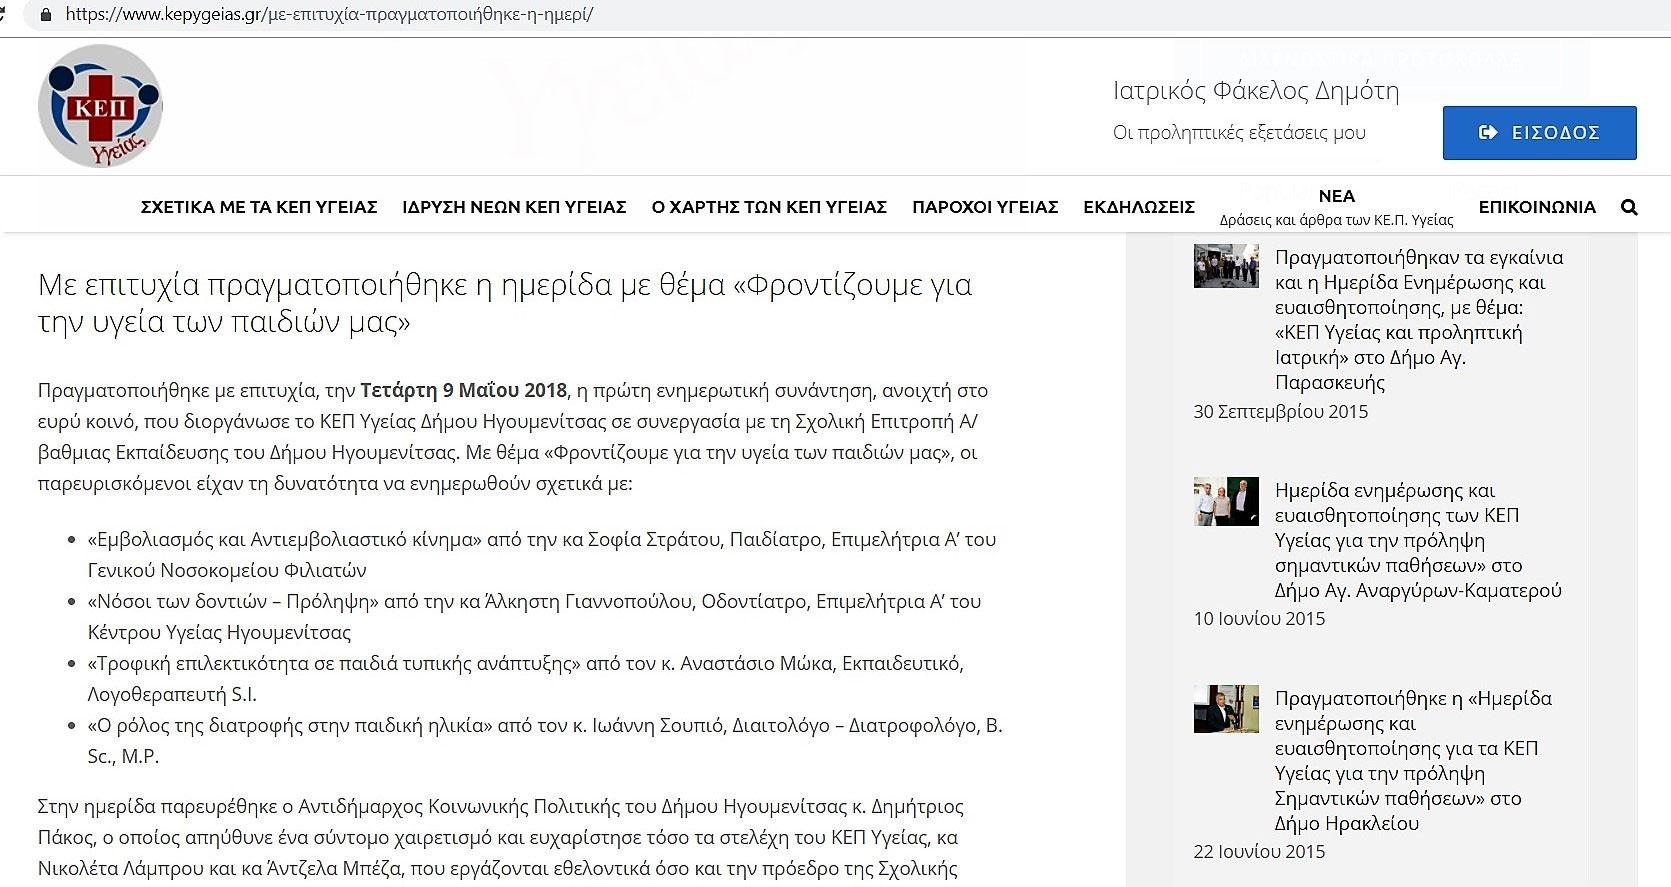 kep-ygeias-diaitologos-diatrofologos-ioannis-soupios